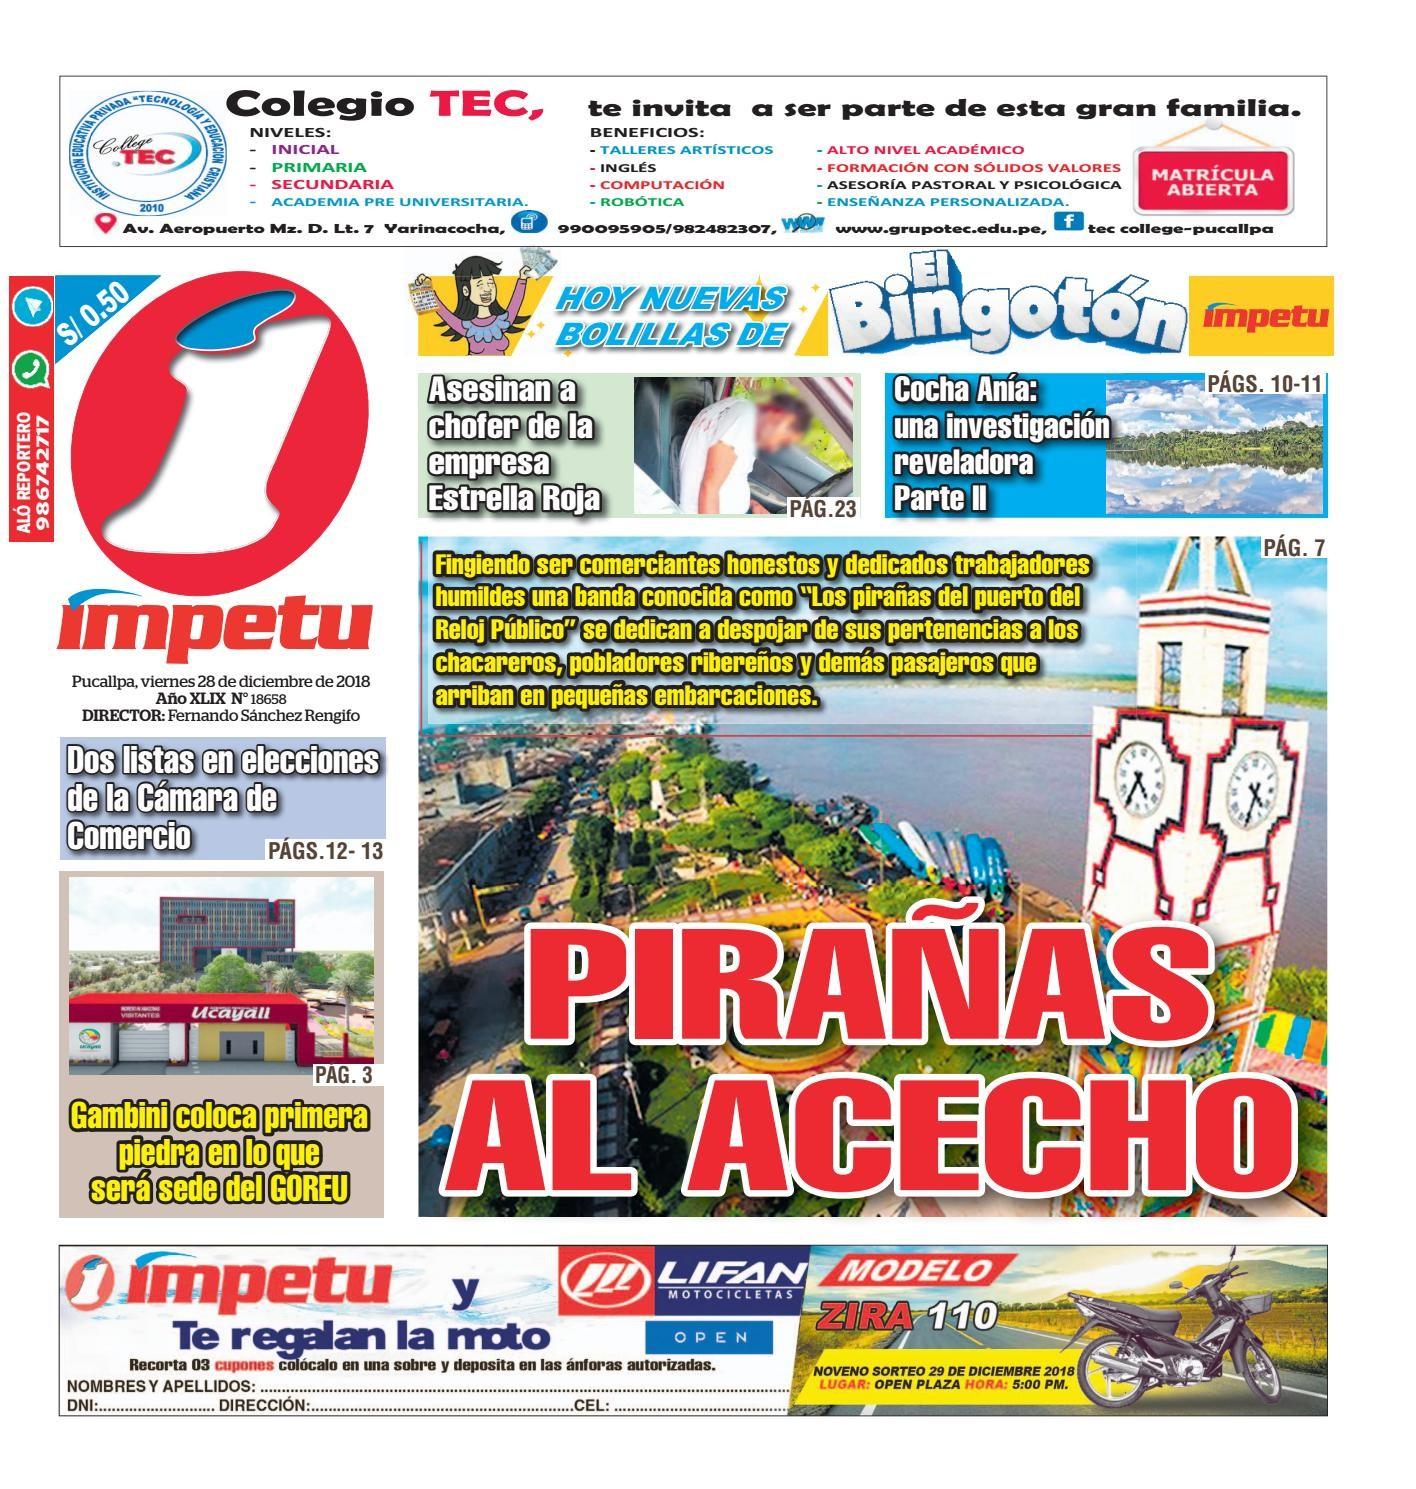 Calendario Utadeo 2019 Más Reciente Impetu 28 De Diciembre Del 2018 by Diario mpetu issuu Of Calendario Utadeo 2019 Mejores Y Más Novedosos Portal Do issm